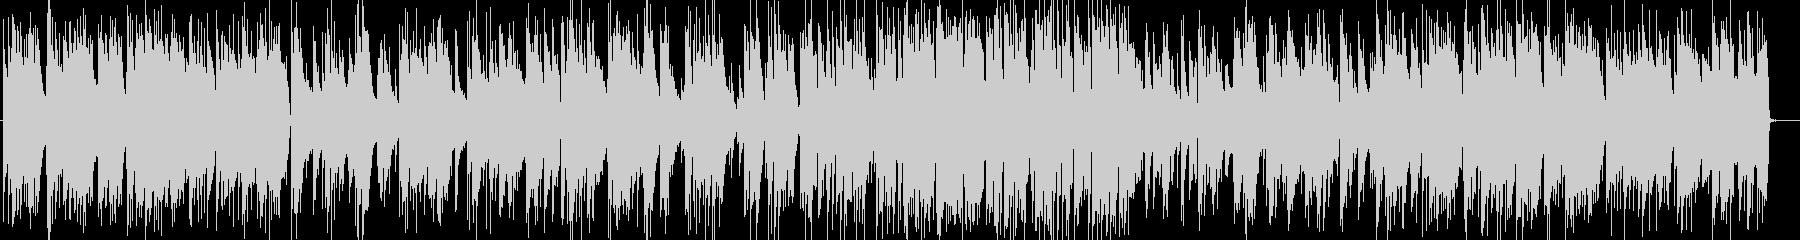 切ない感じのピアノトリオの未再生の波形